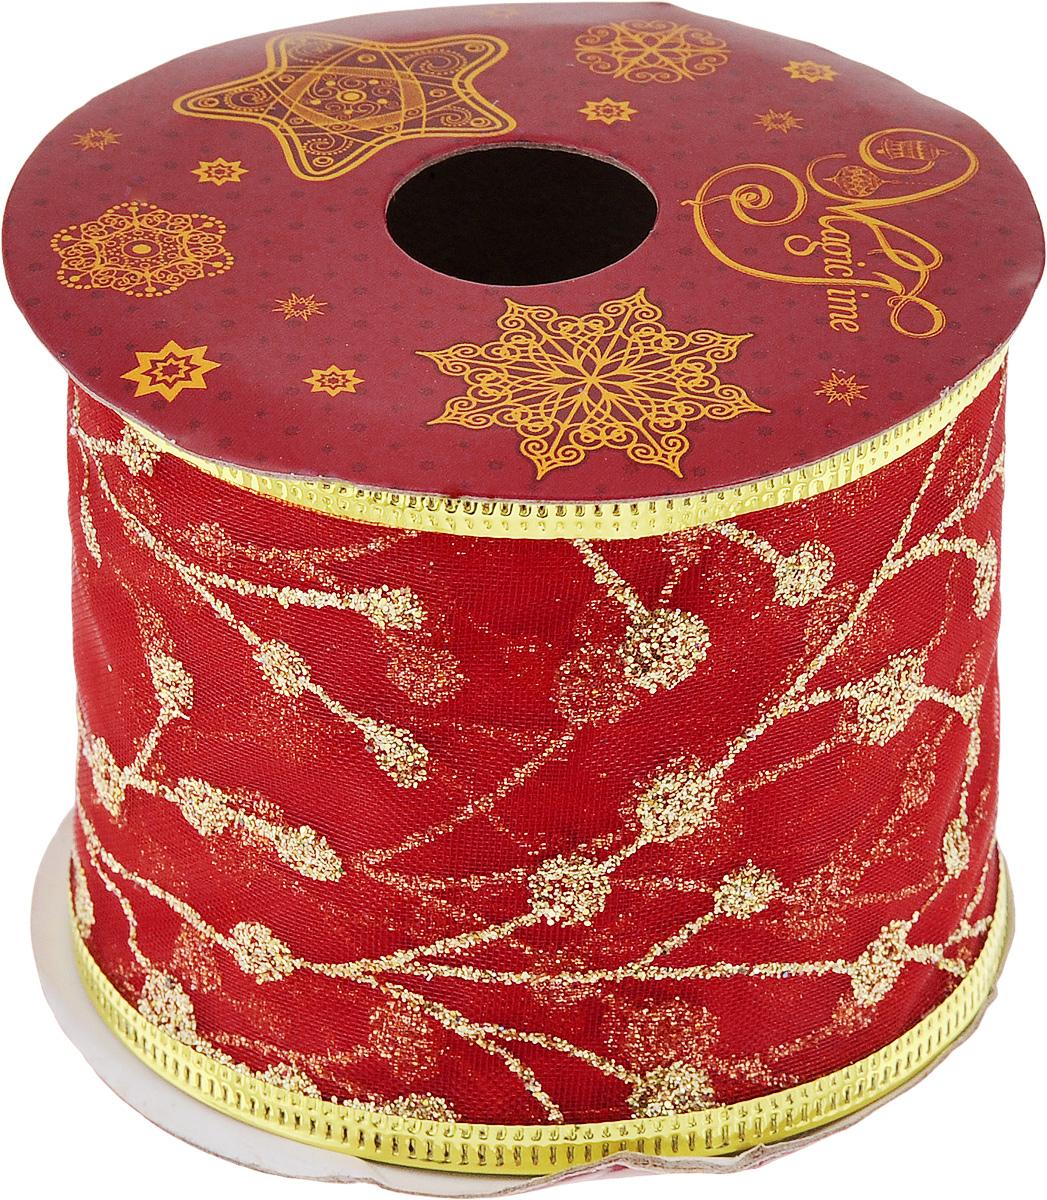 Лента новогодняя Magic Time Золотые ветви, 6,3 см х 2,7 м42803/76224Новогодняя декоративная лента Magic Time Золотые ветви выполнена из полиэстера. В края ленты вставлена проволока, благодаря чему ее легко фиксировать. Лента предназначена для оформления подарочных коробок, пакетов. Кроме того, декоративная лента с успехом применяется для художественного оформления витрин, праздничного оформления помещений, изготовления искусственных цветов. Декоративная лента украсит интерьер вашего дома к праздникам.Ширина ленты: 6,3 см.